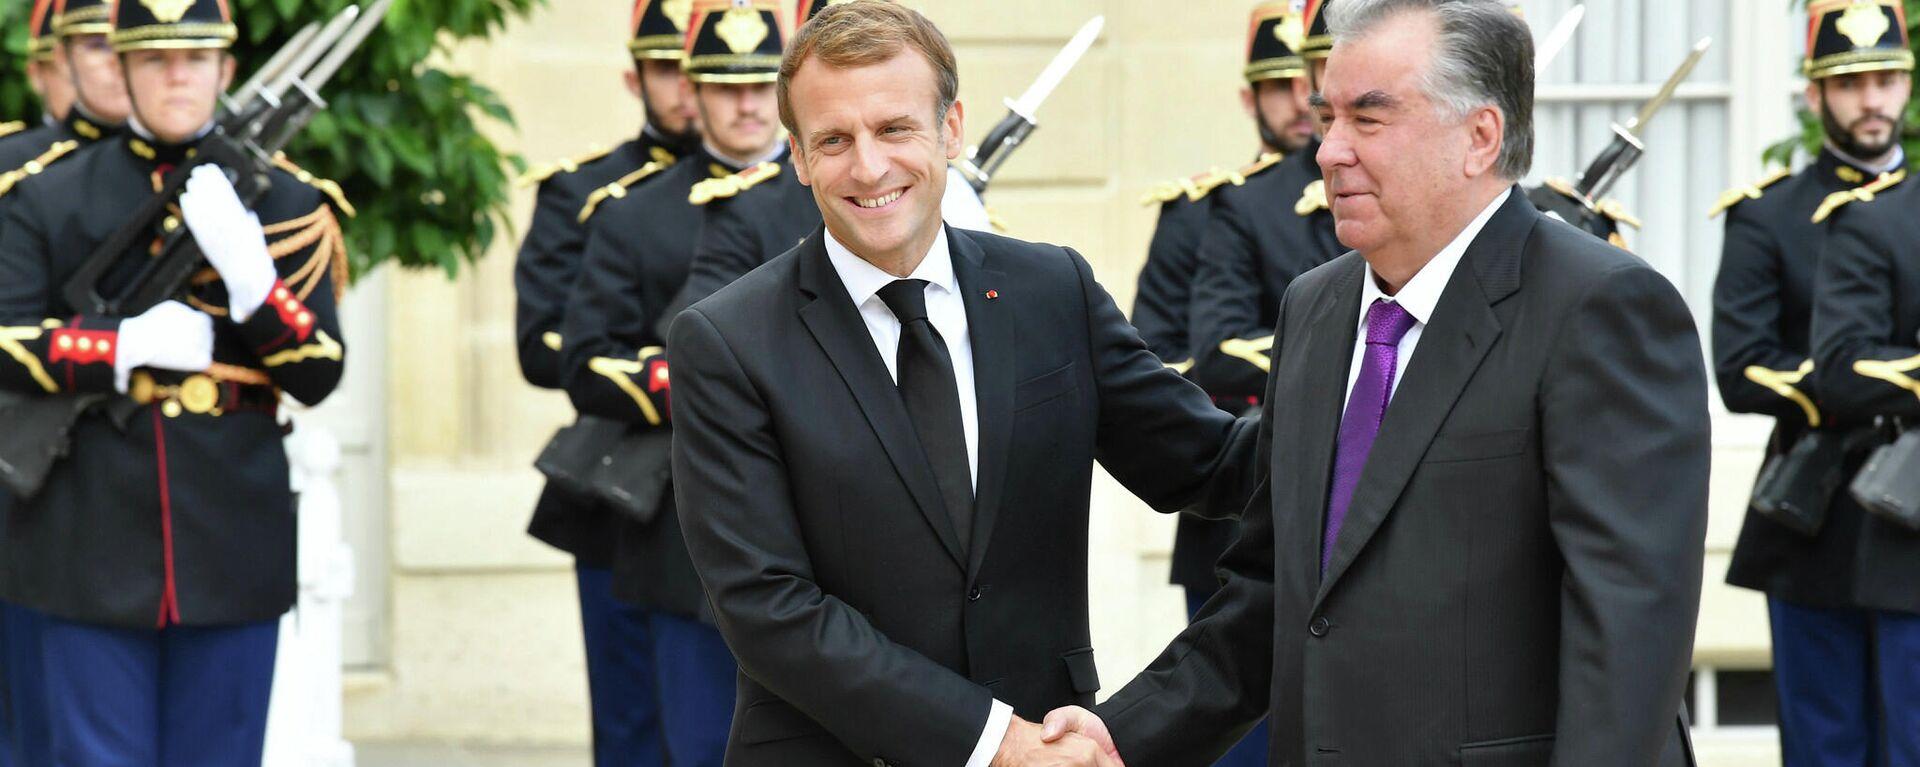 Эмомали Рахмон прибыл с официальным визитом во Францию - Sputnik Таджикистан, 1920, 14.10.2021